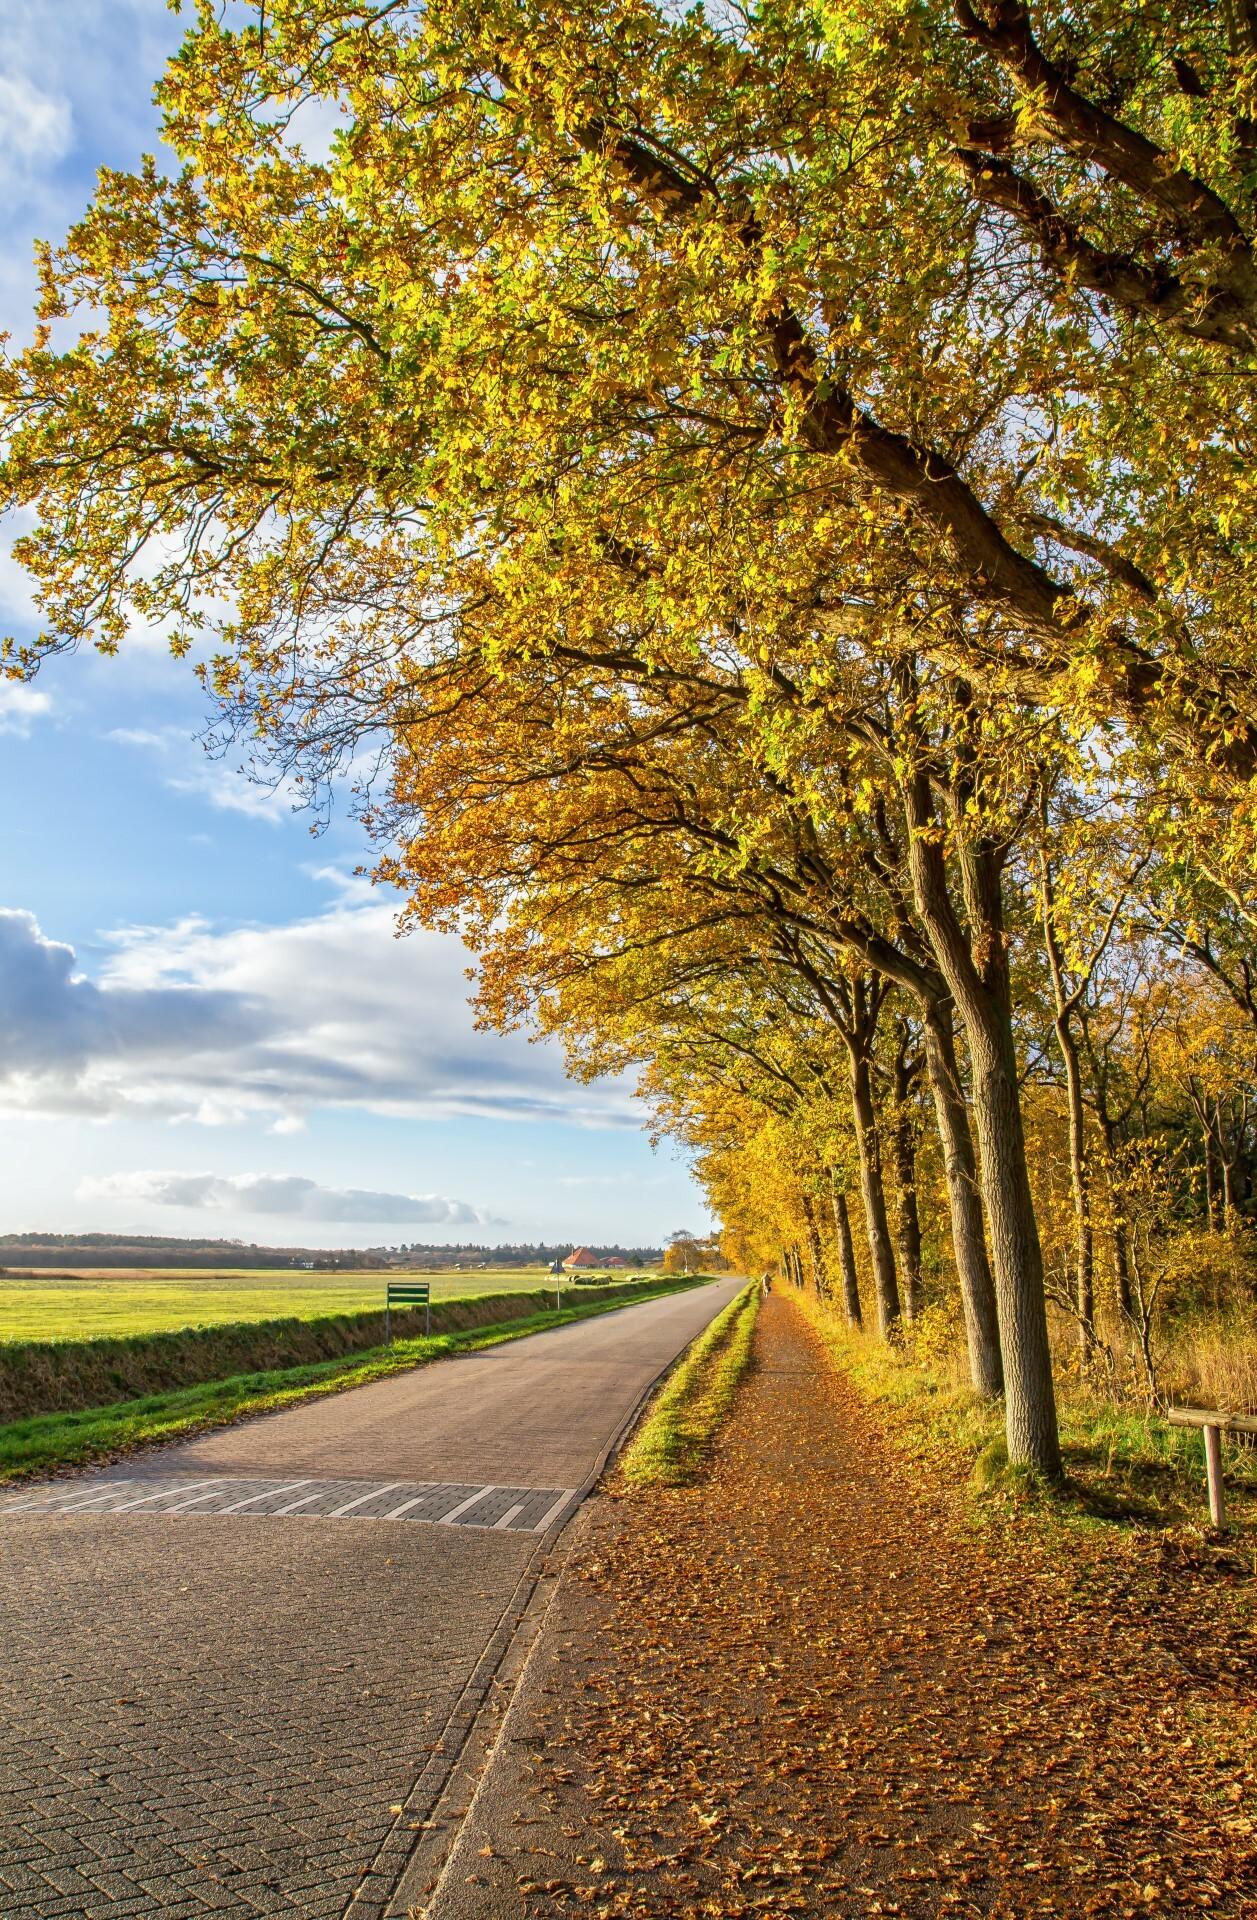 Herfstbos langs de weg bij De Koog VVV Texel fotograaf Justin Sinner